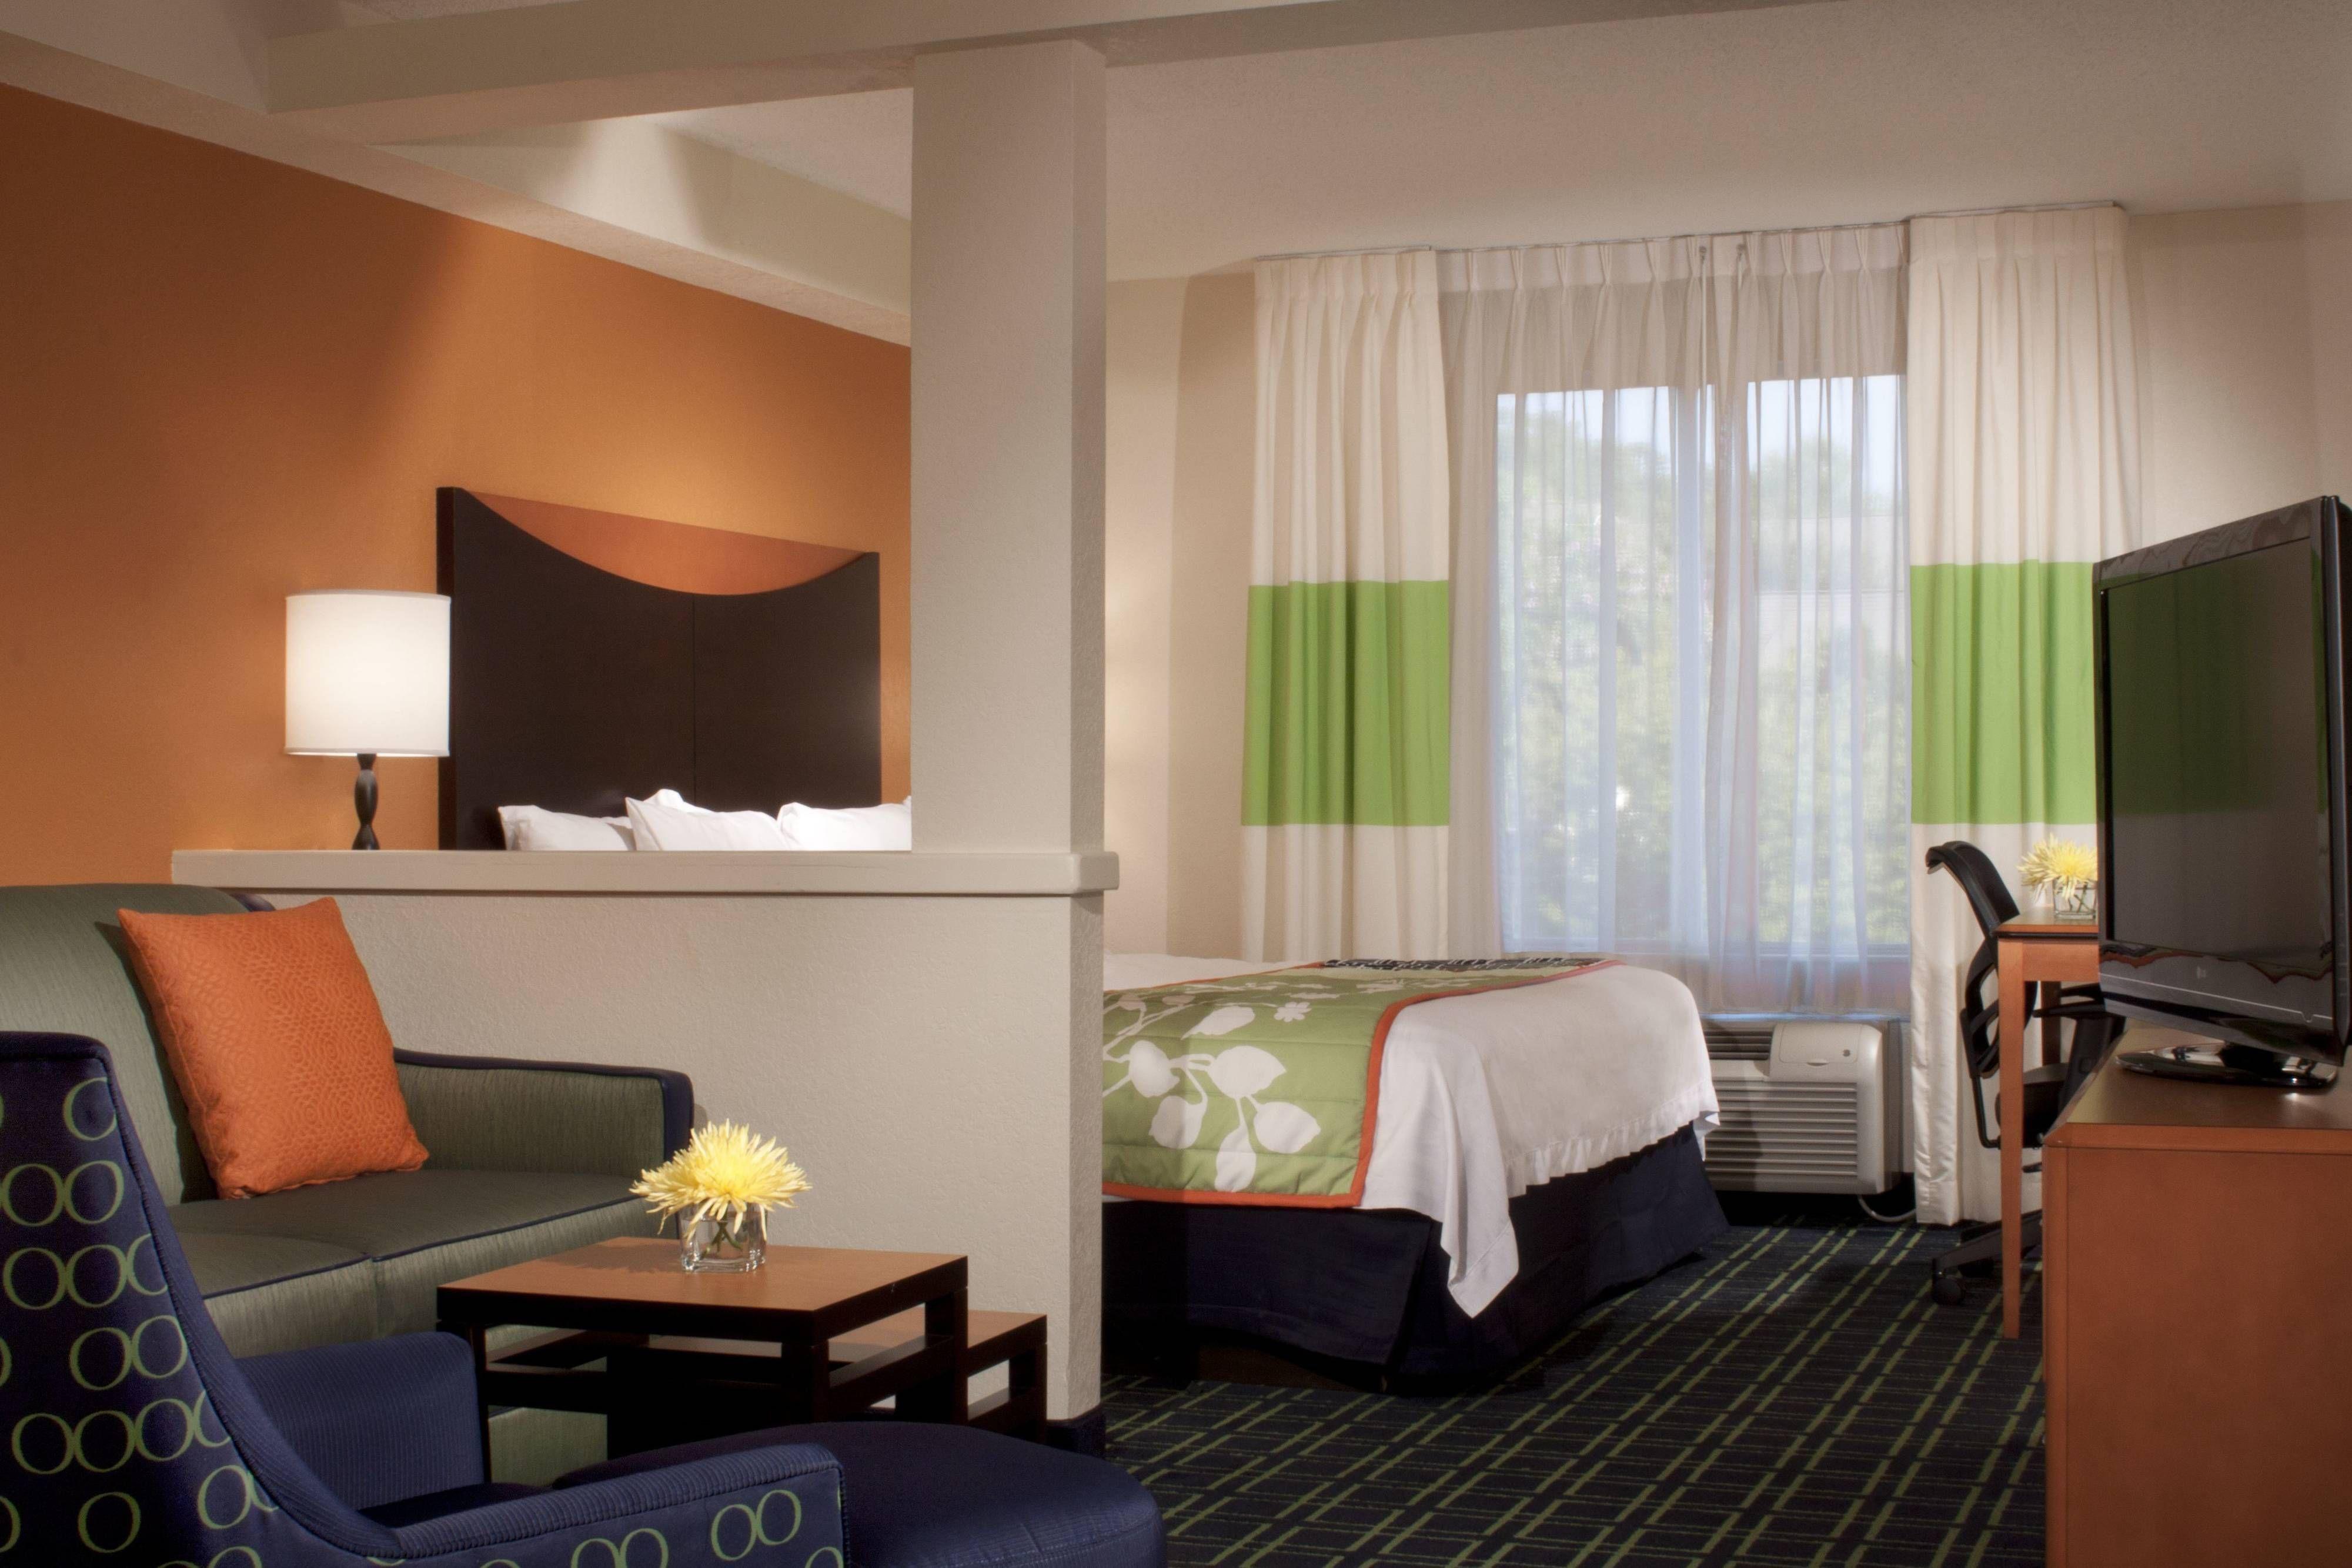 Fairfield Inn Suites Fairfield Inn House Rental